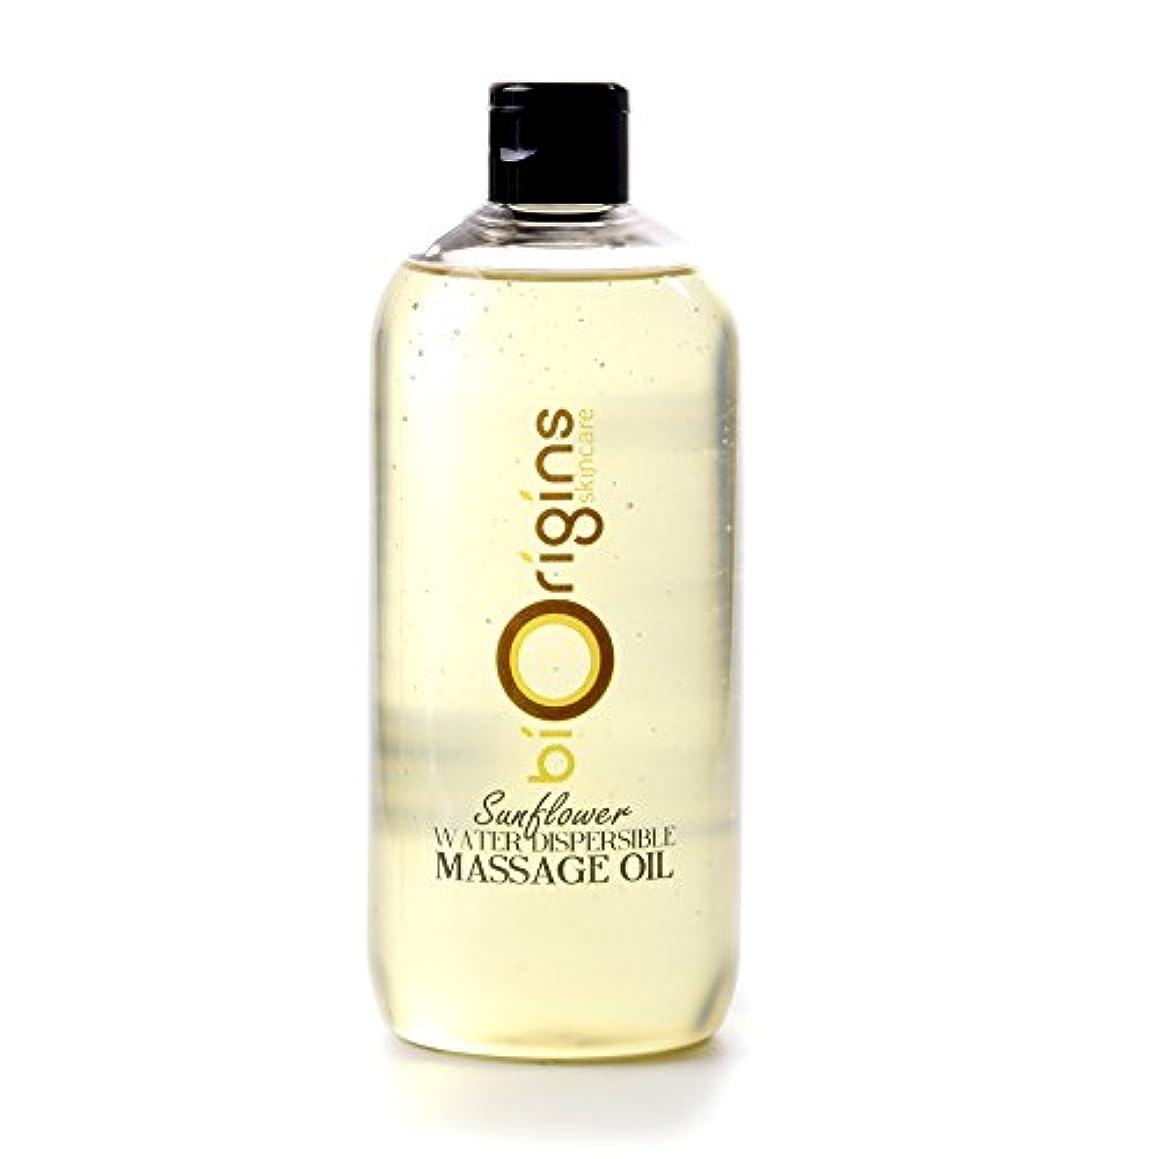 ブロー寄託レガシーSunflower Water Dispersible Massage Oil - 1 Litre - 100% Pure